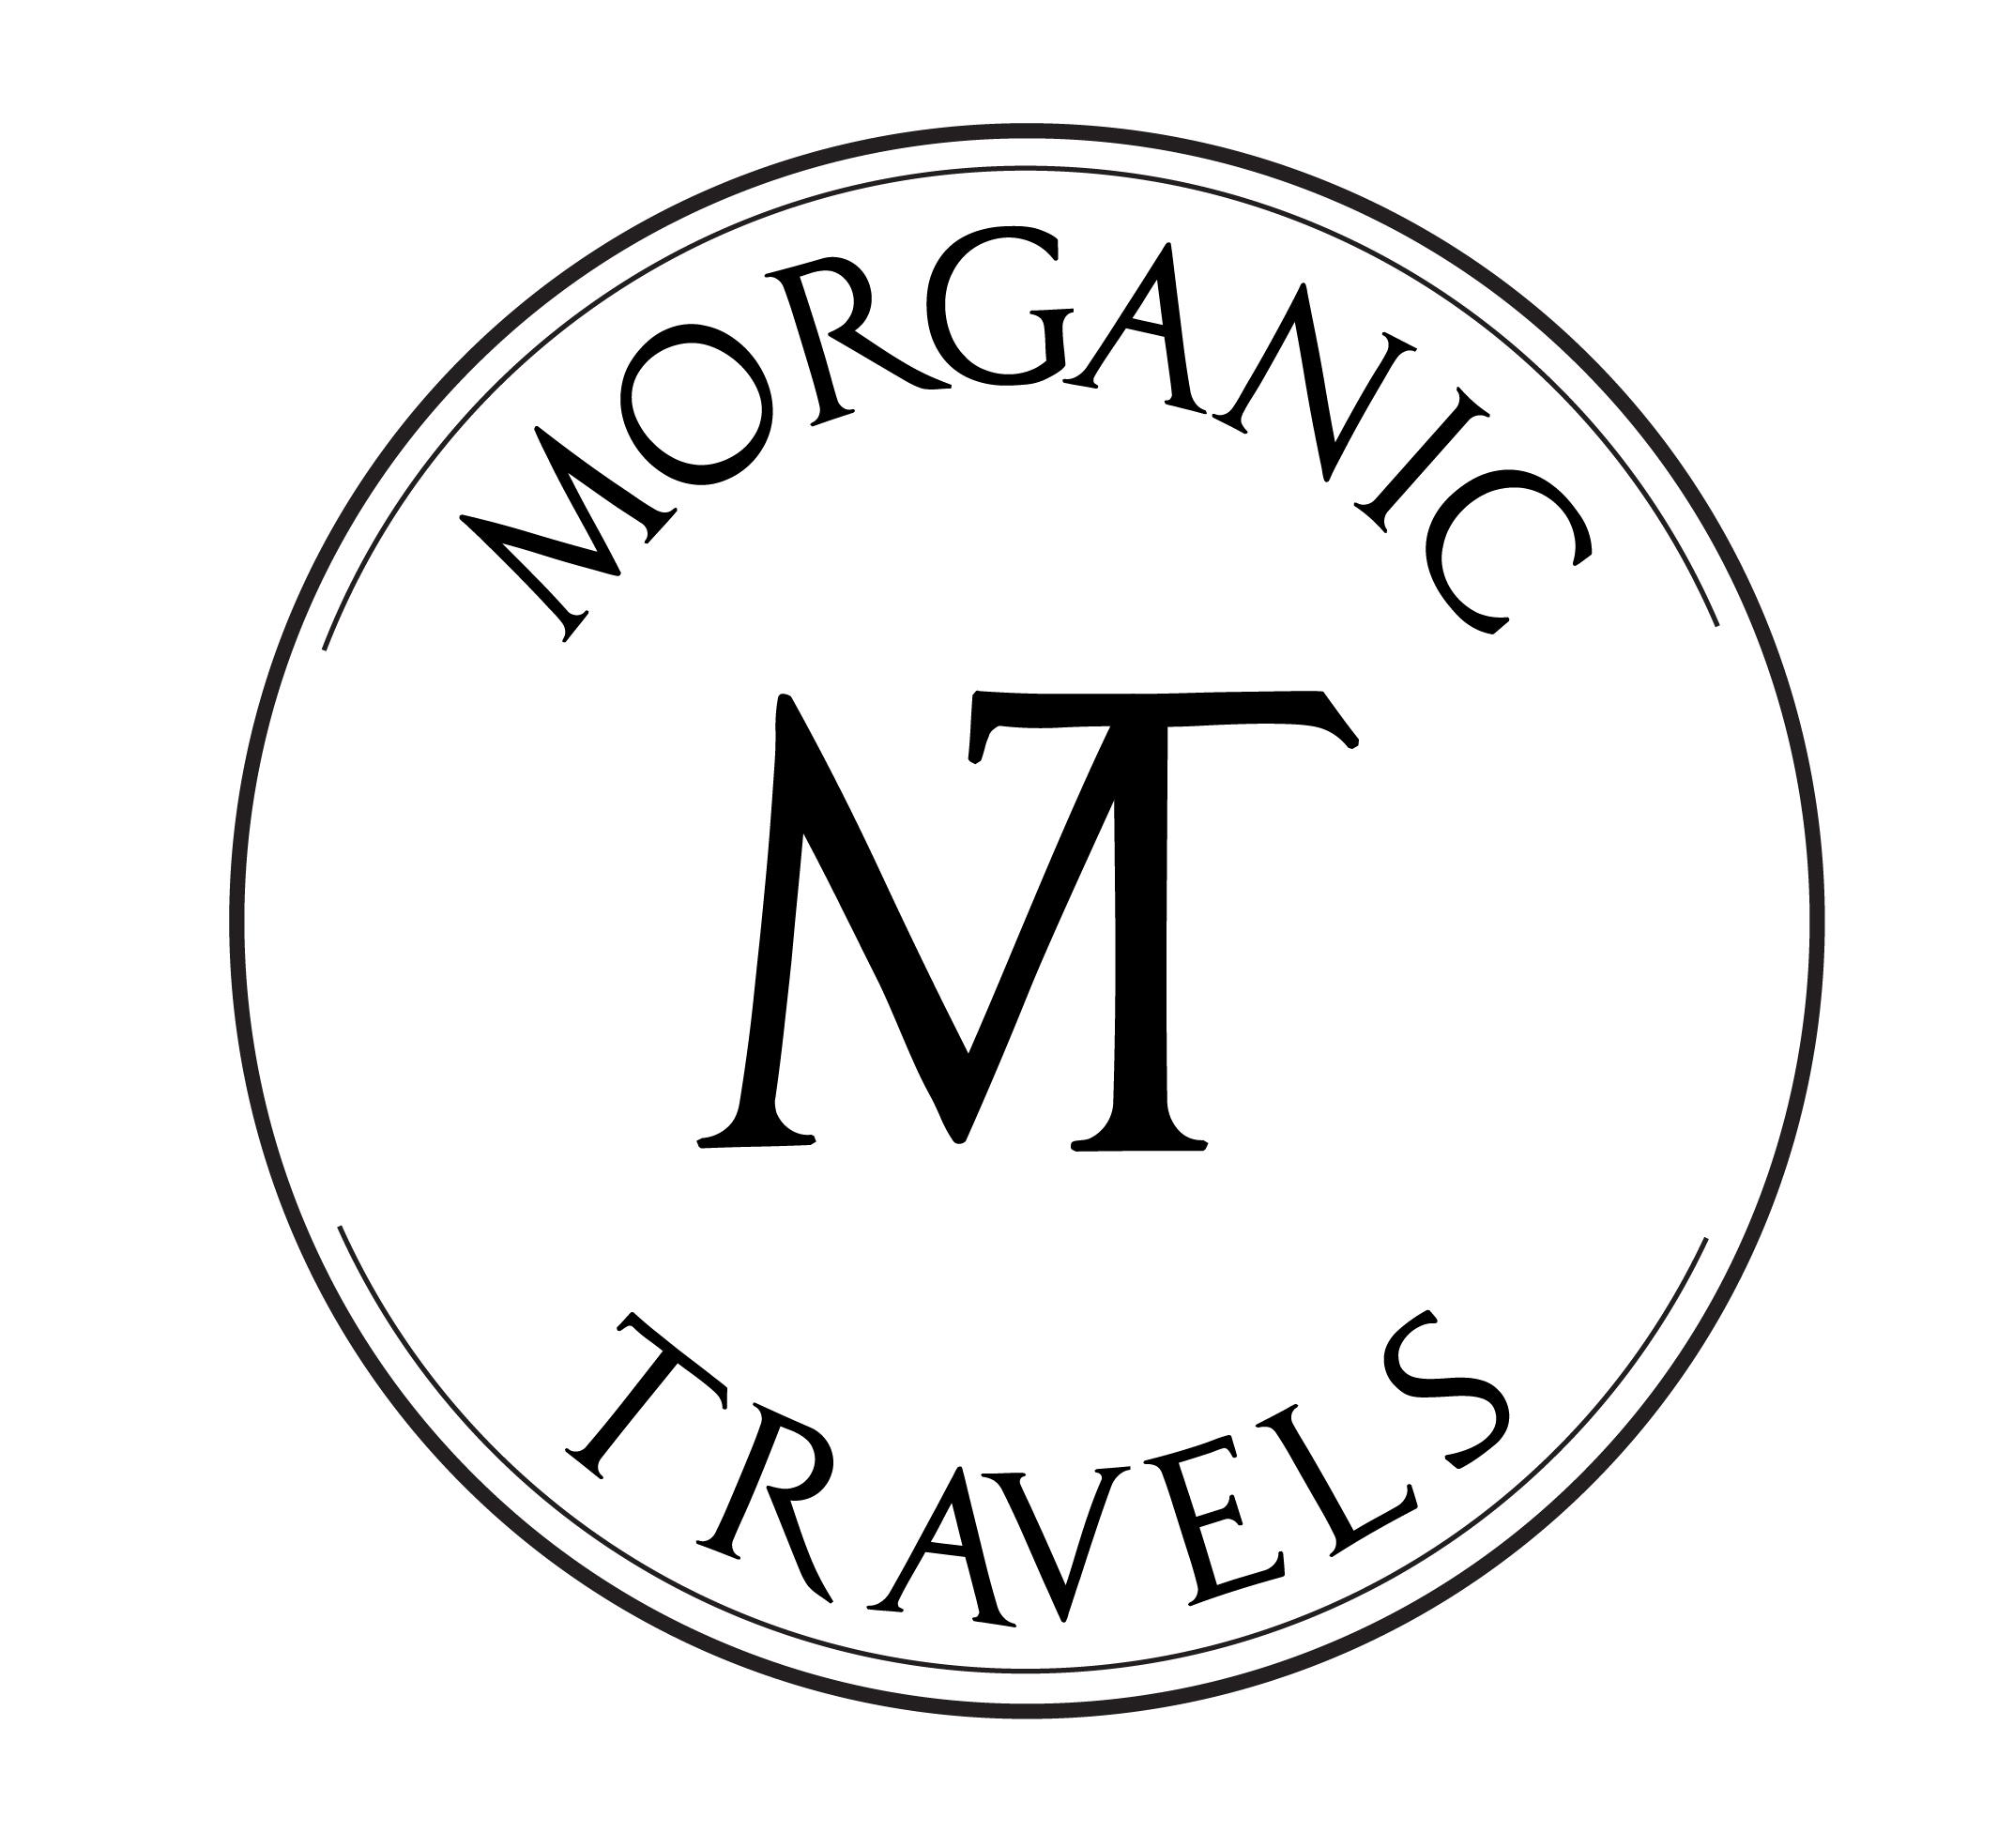 Morganic Travels